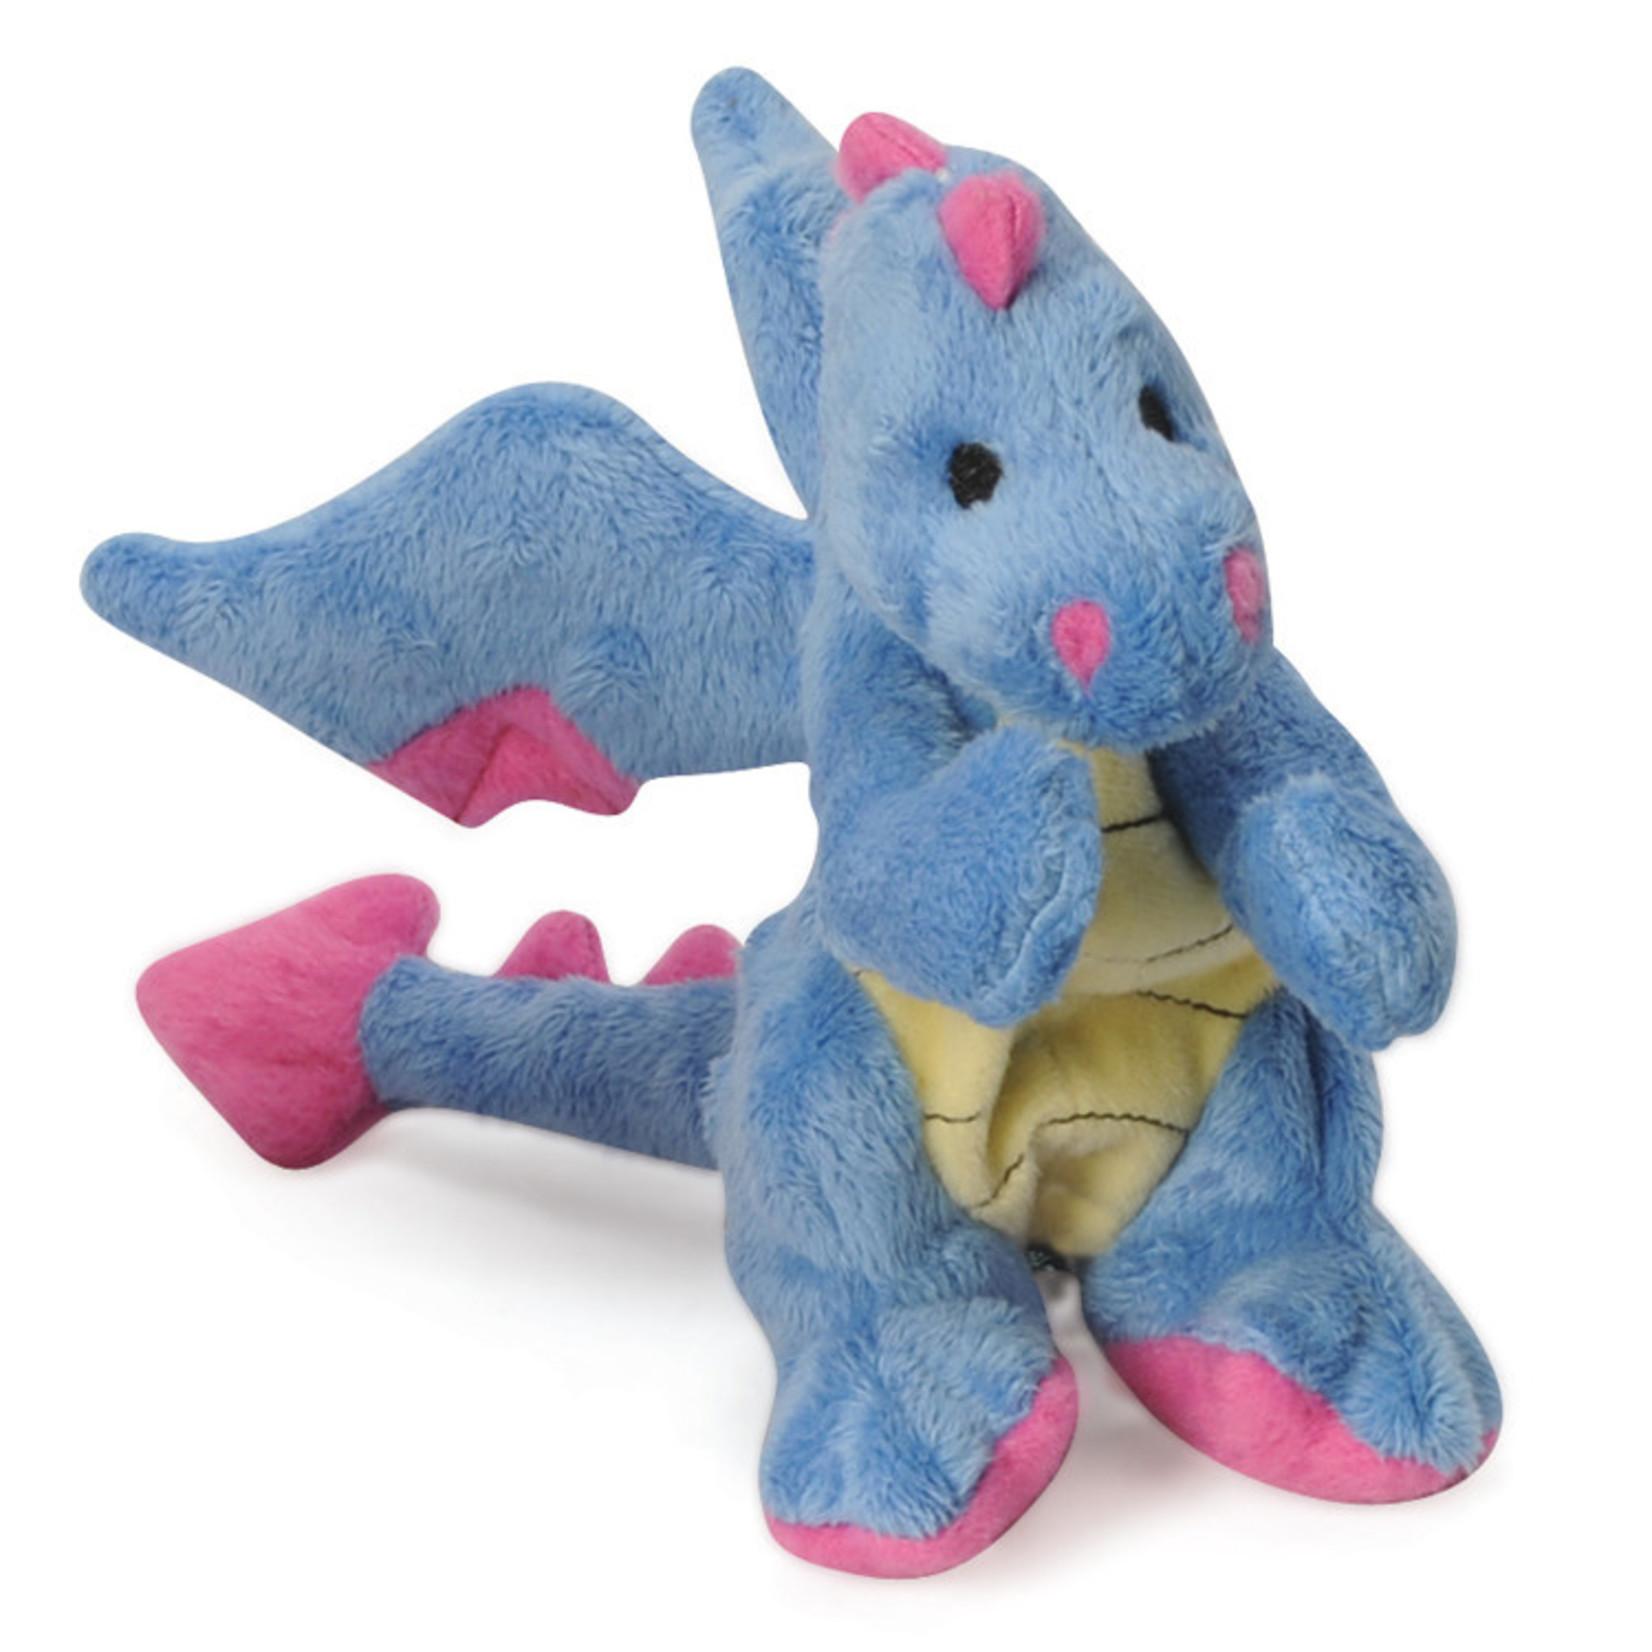 Worldwise/QPG/GoDog GoDog Periwinkle Dragon Dog Toy Small